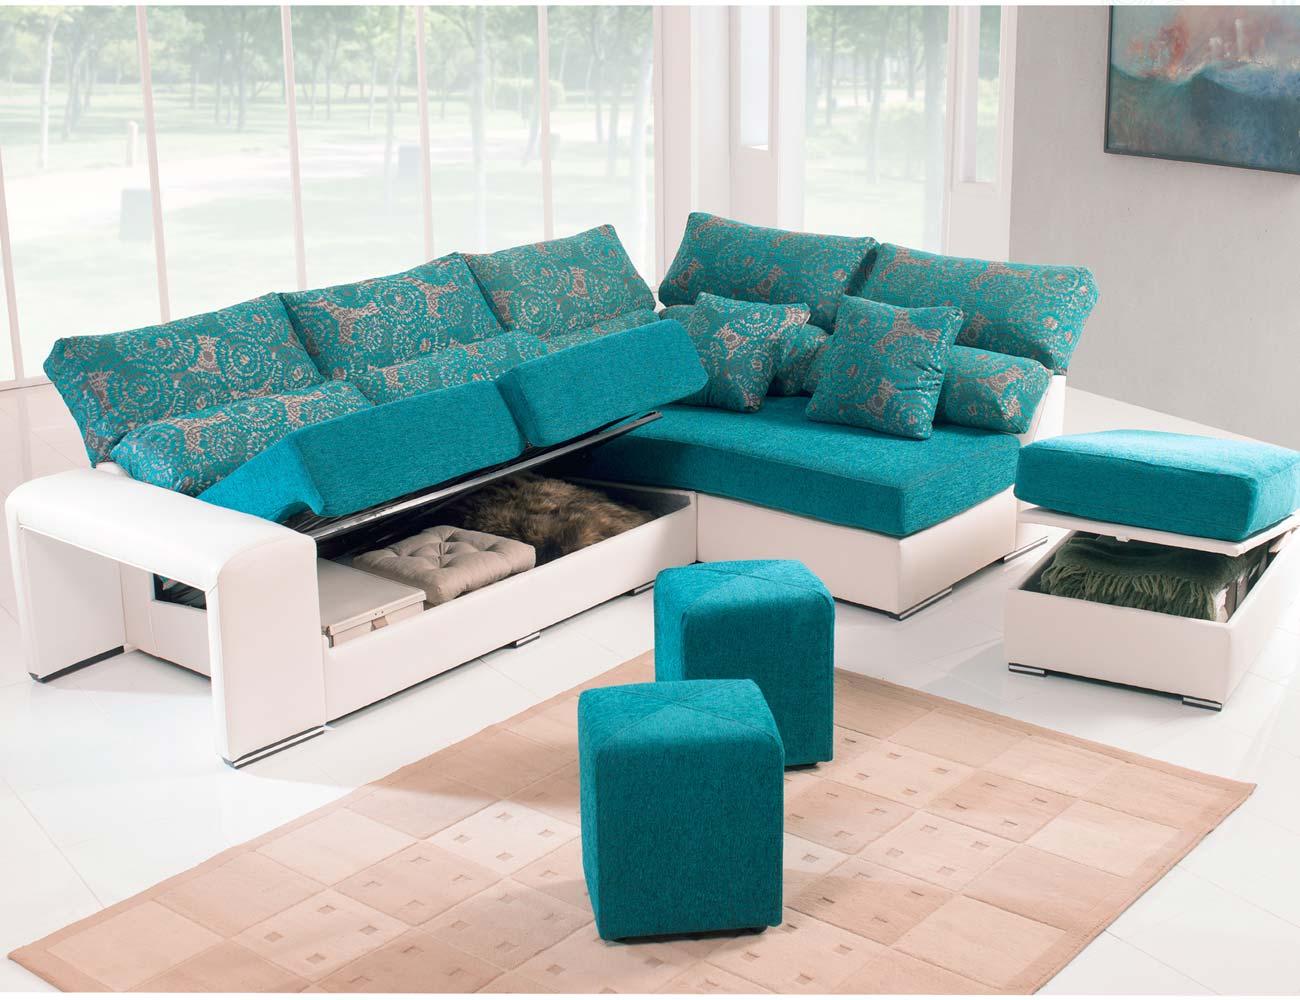 Sofa chaiselongue rincon puff arcon taburete17